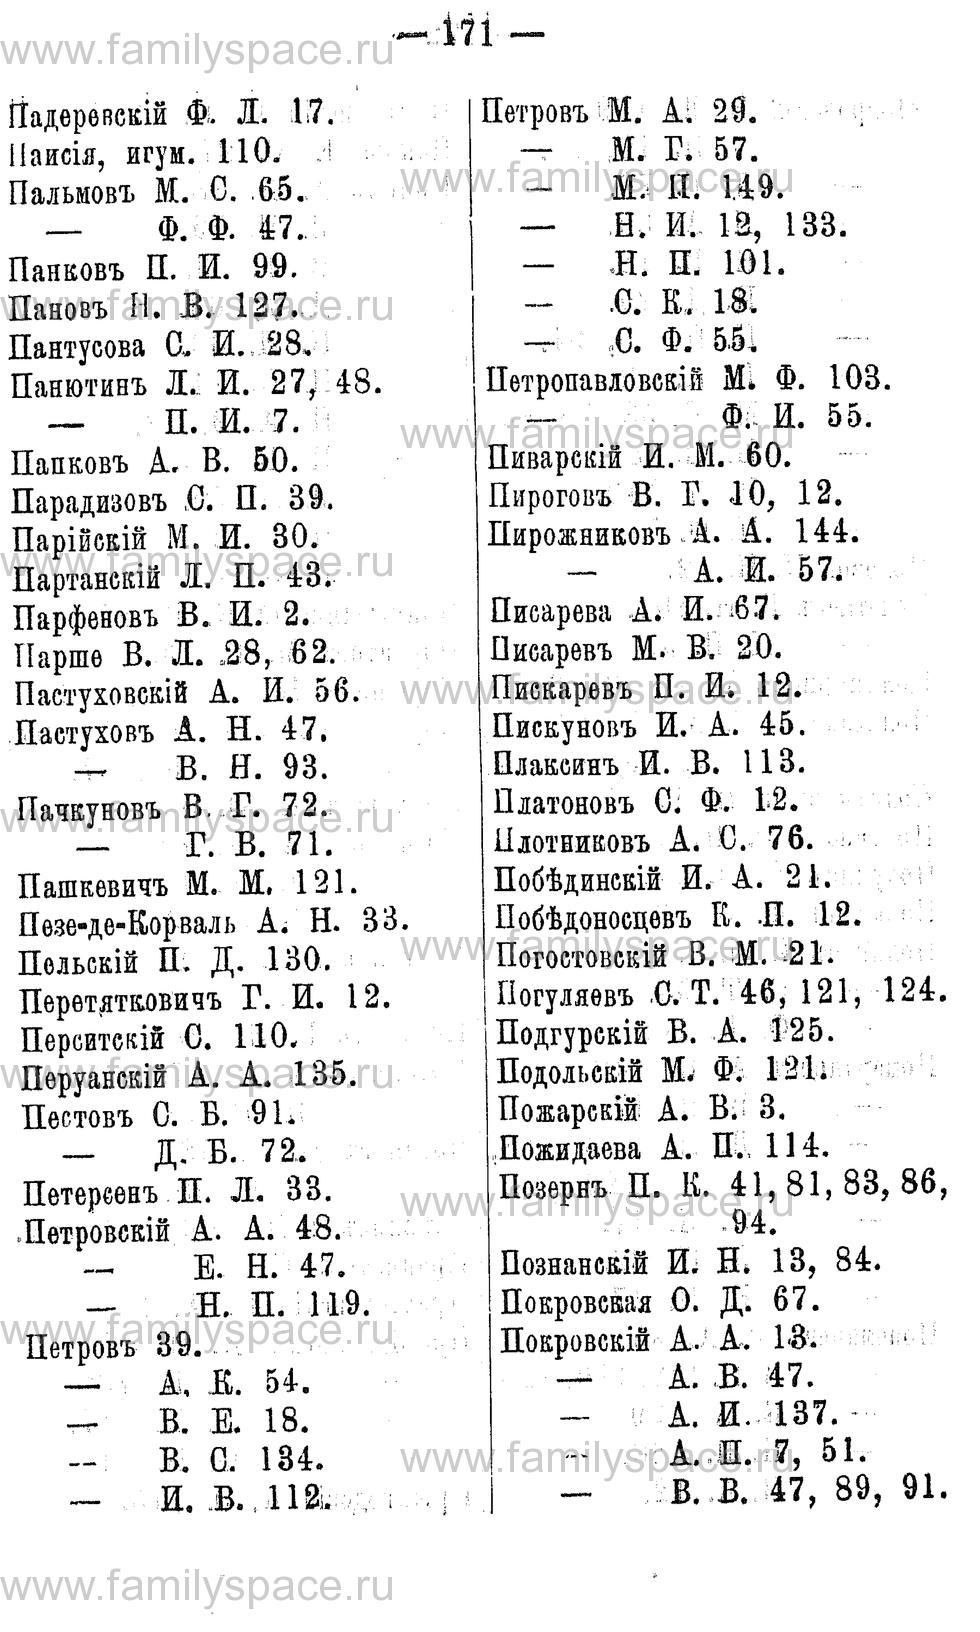 Поиск по фамилии - Адрес-календарь Нижегородской губернии на 1891 год, страница 171